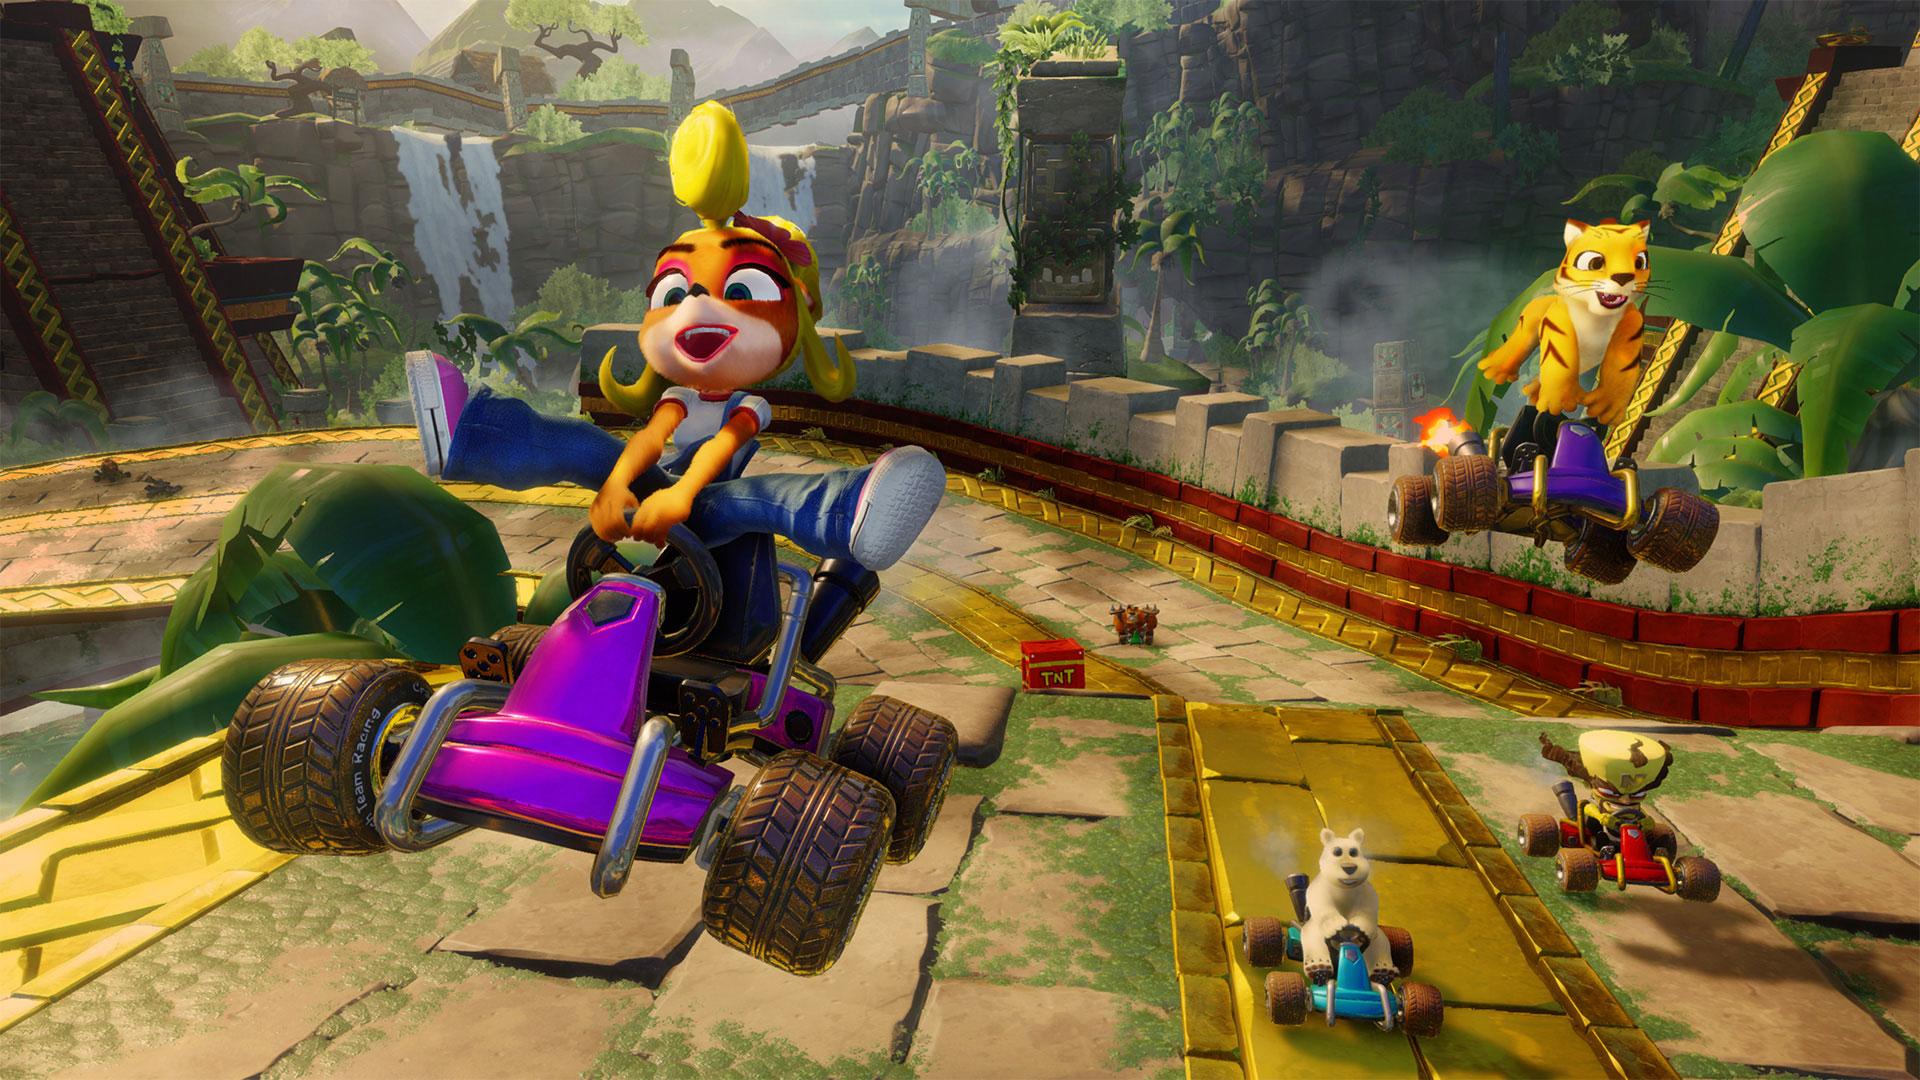 New 'Crash Team Racing' overtakes 'Sonic Racing' as the